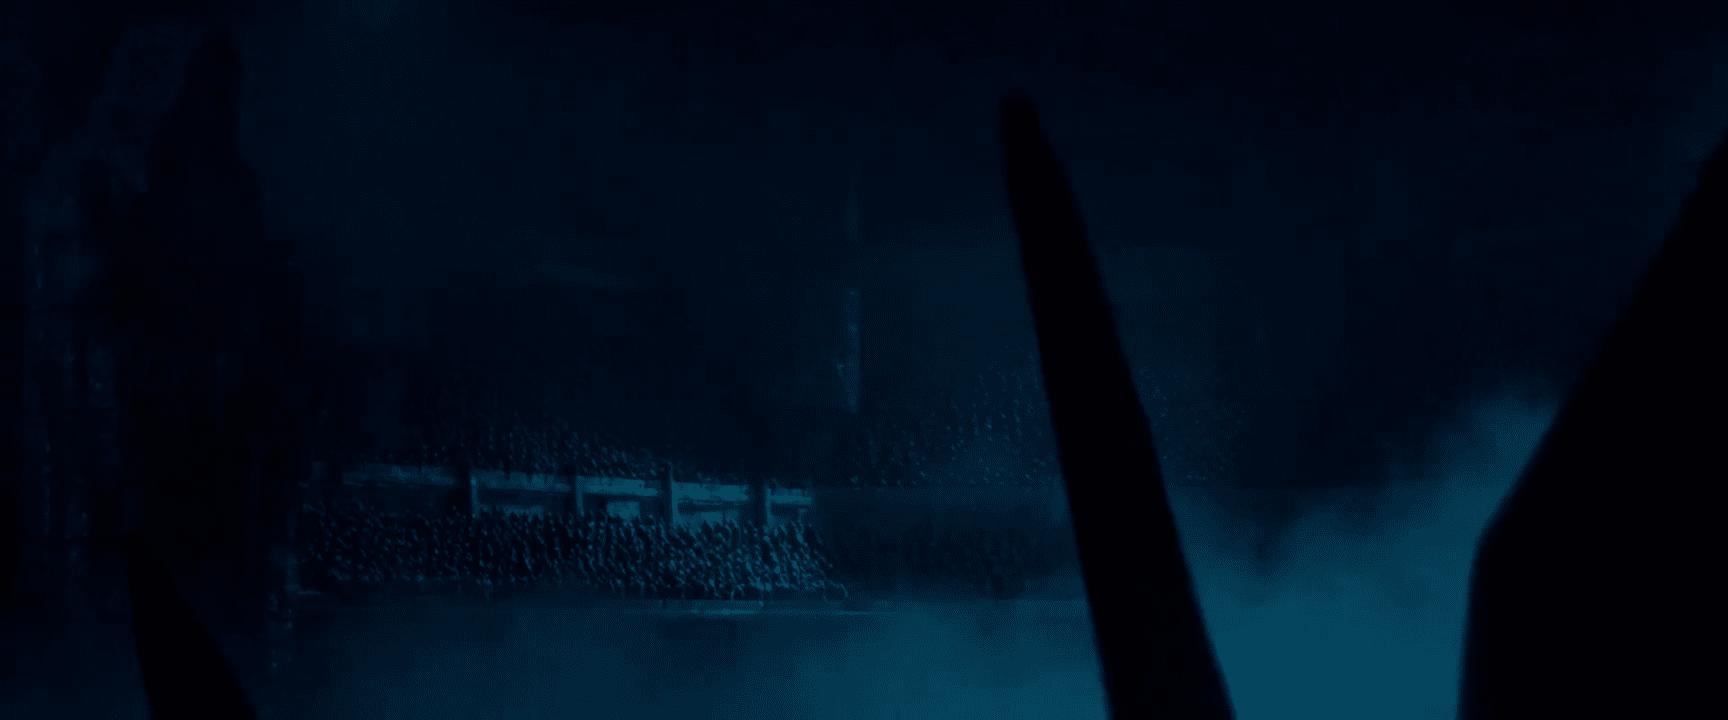 Lato Oscuro, I culti del Lato Oscuro – Guida al Canon, Star Wars Addicted